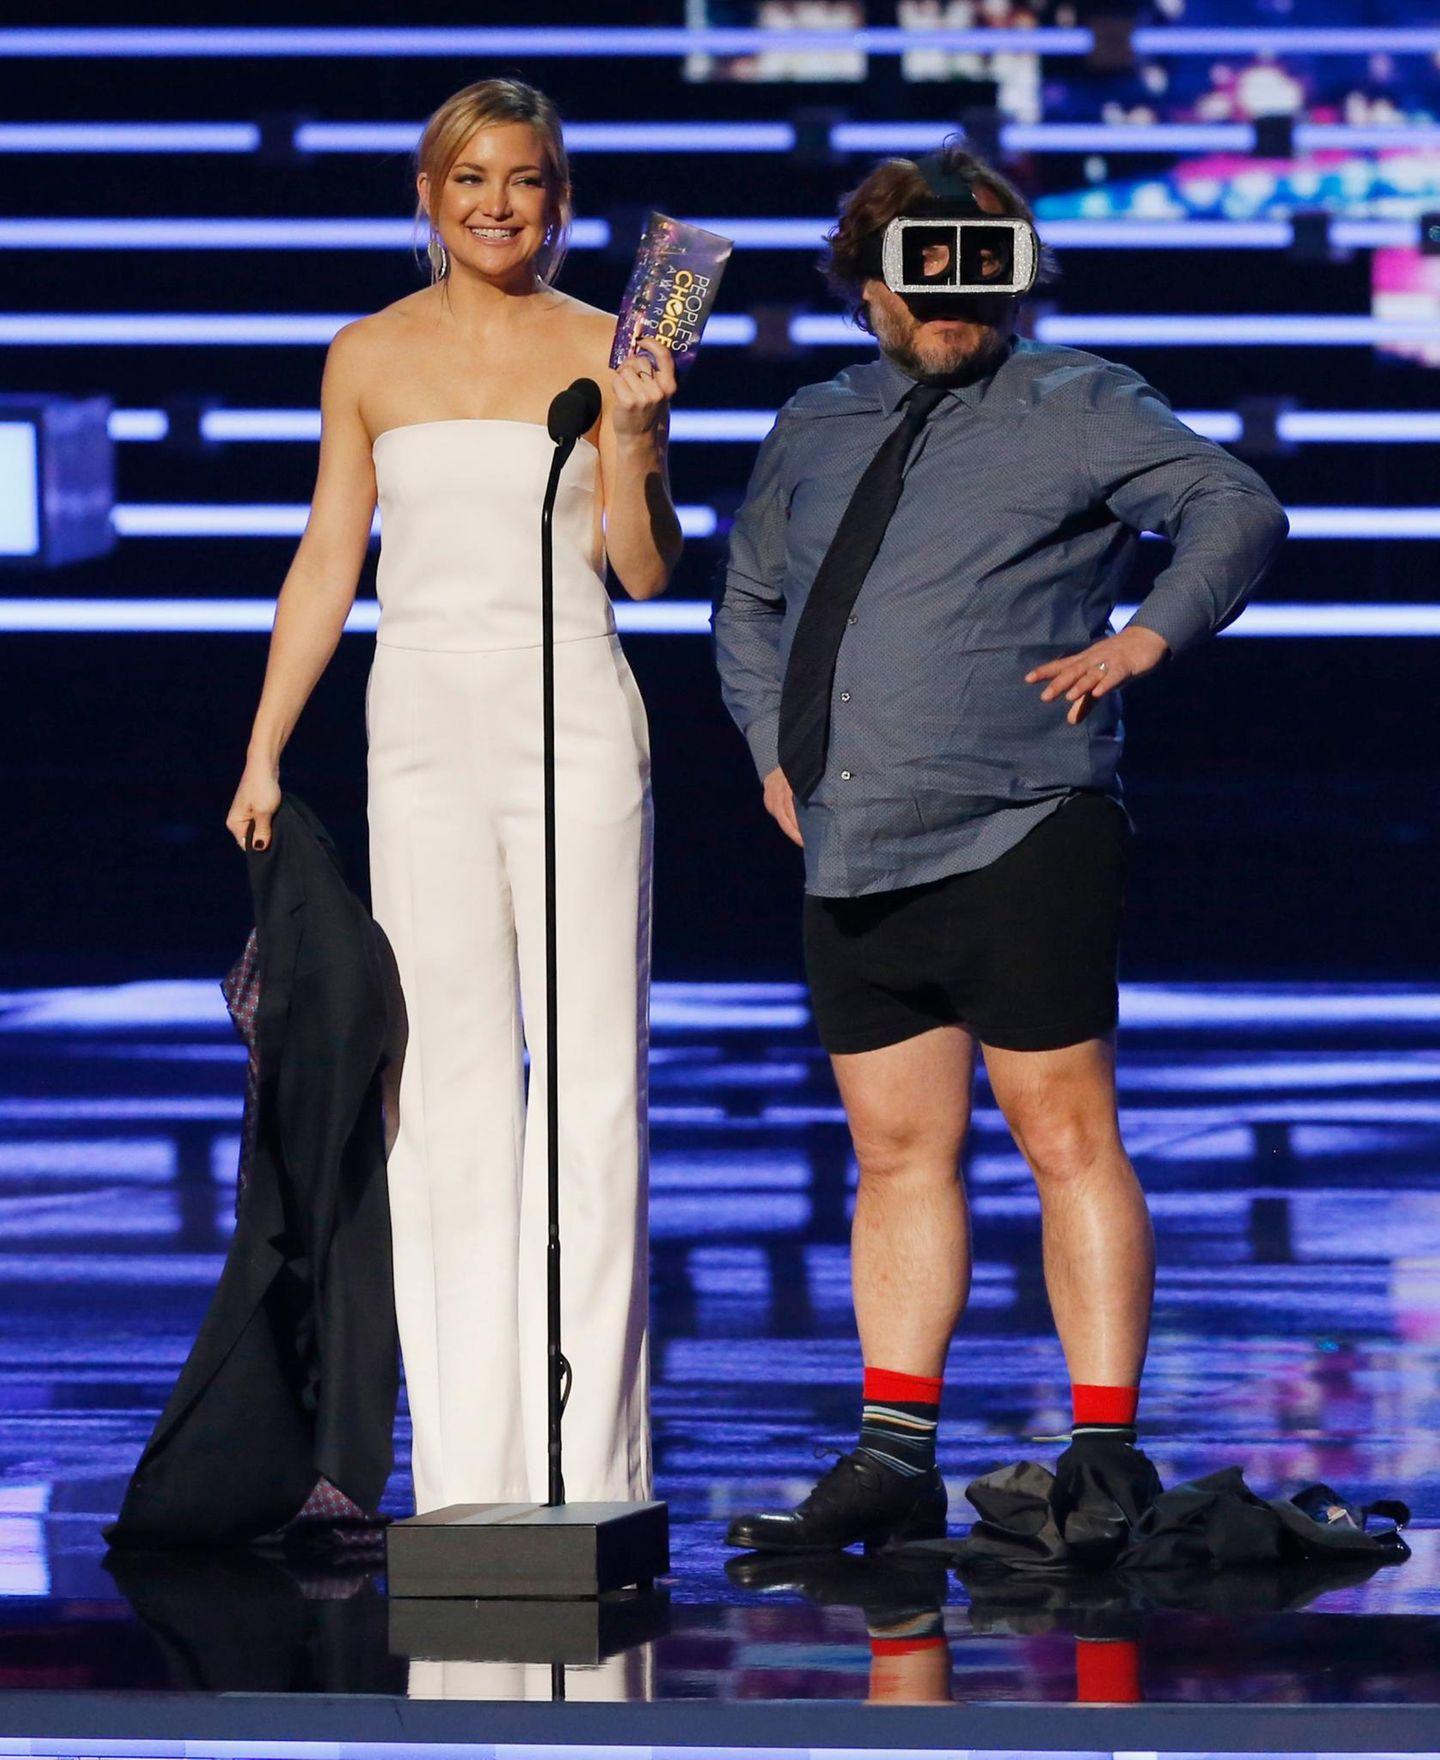 Jack Black soll mit Kate Hudson eigentlich nur einen Award überreichen, verliert sich dann allerdings etwas in der virtuellen Realität.